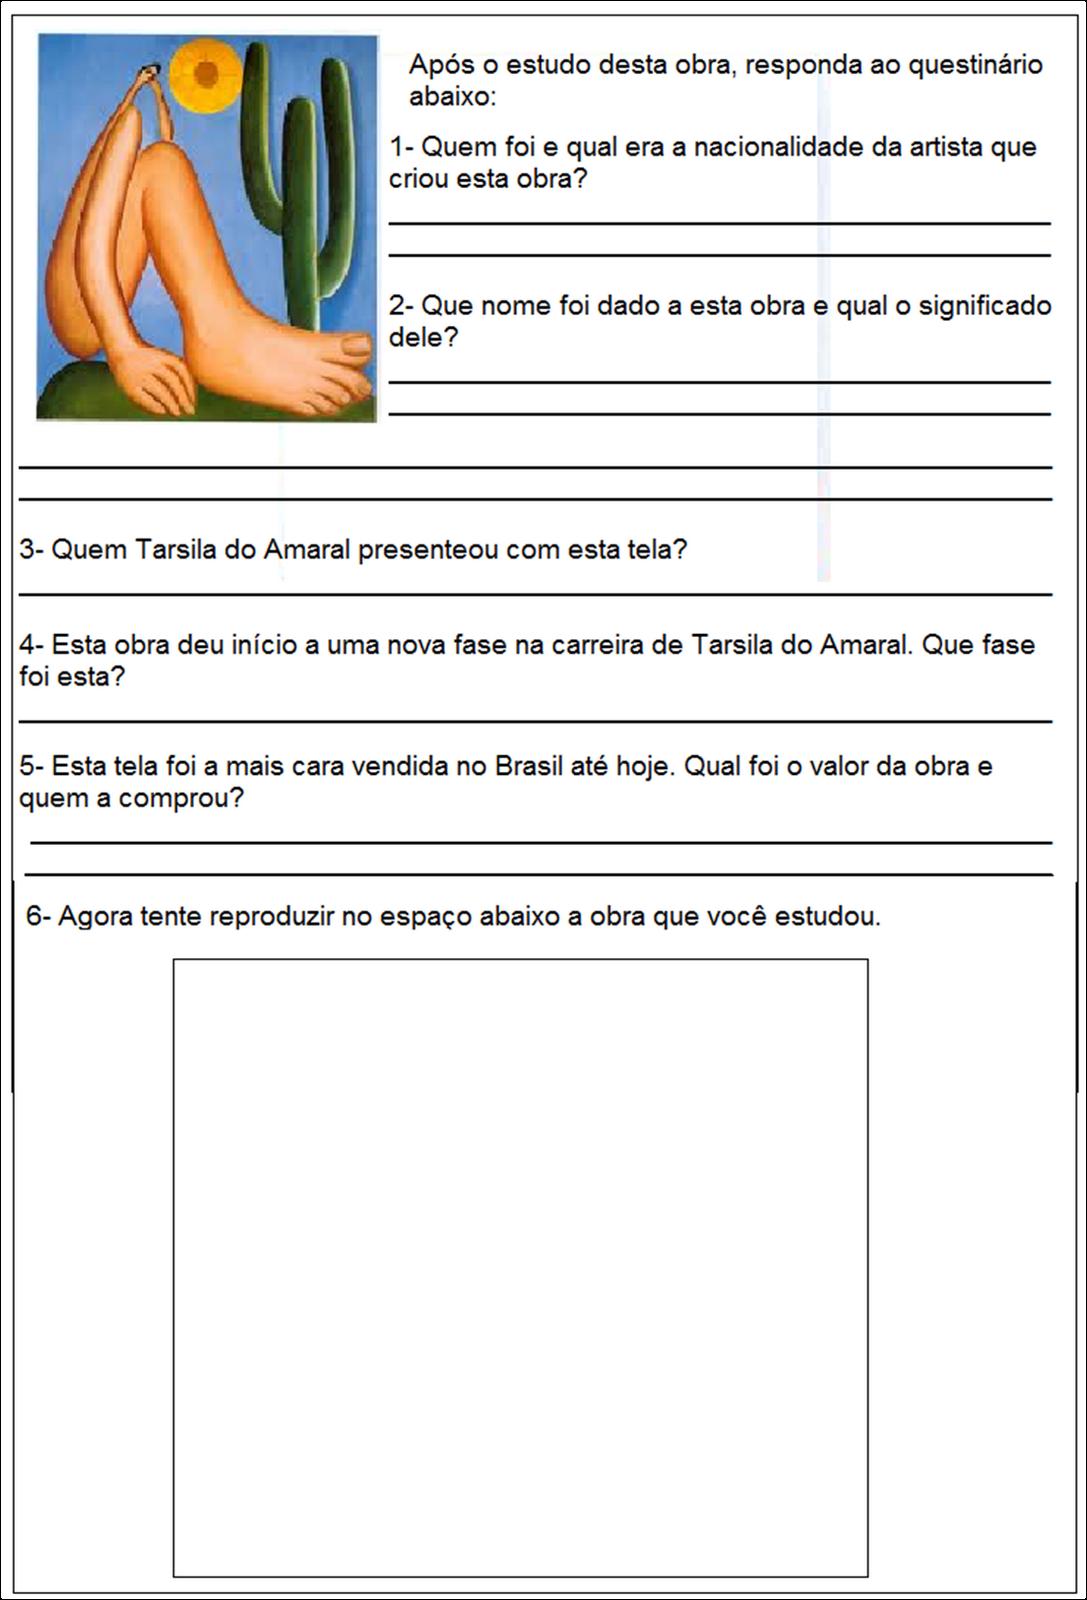 Analise da educação brasileira hoje